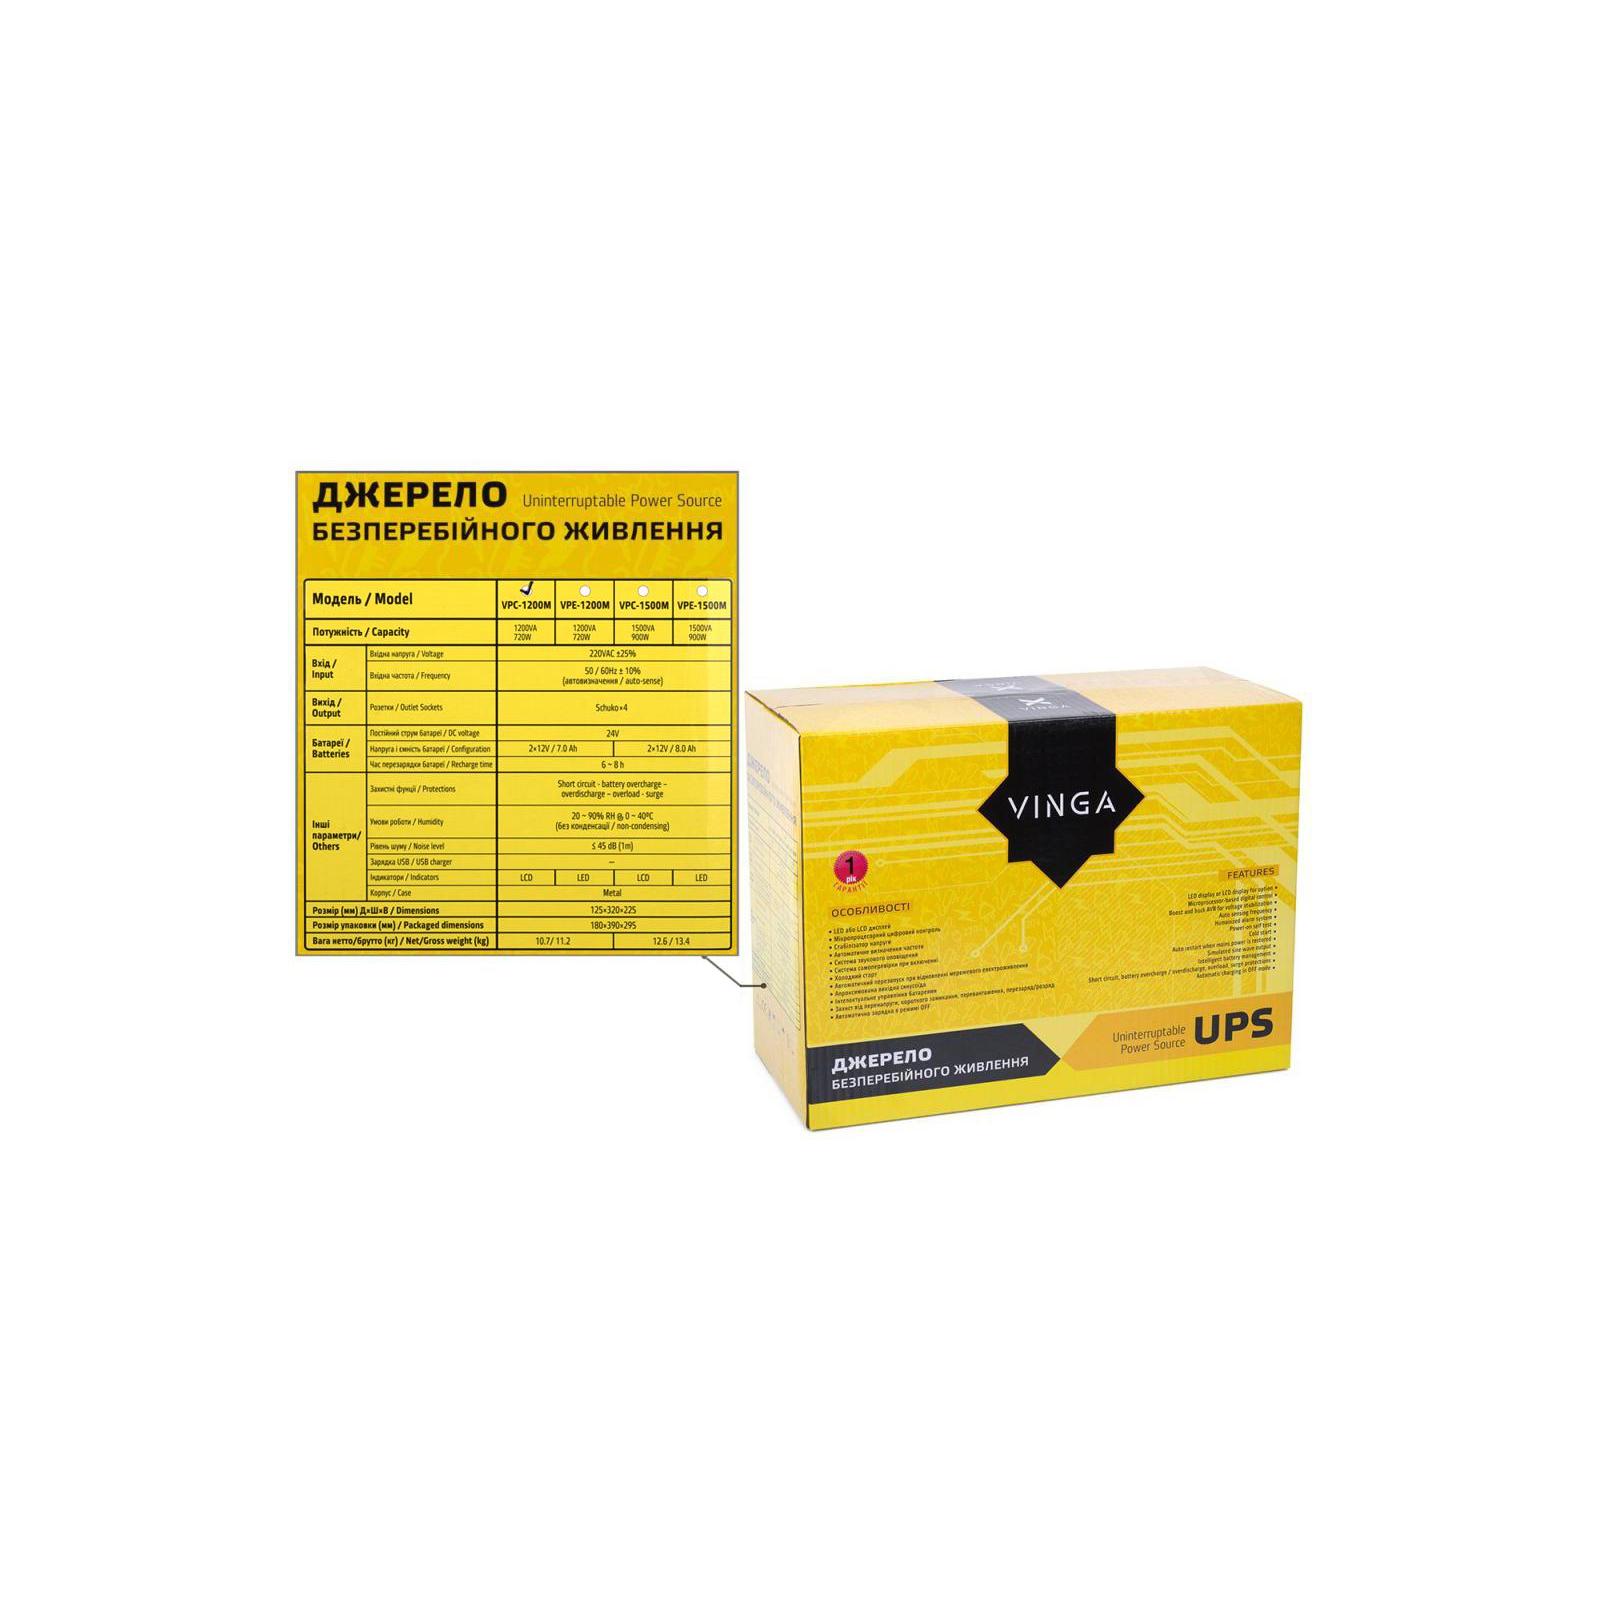 Источник бесперебойного питания Vinga LCD 1200VA metal case (VPC-1200M) изображение 12